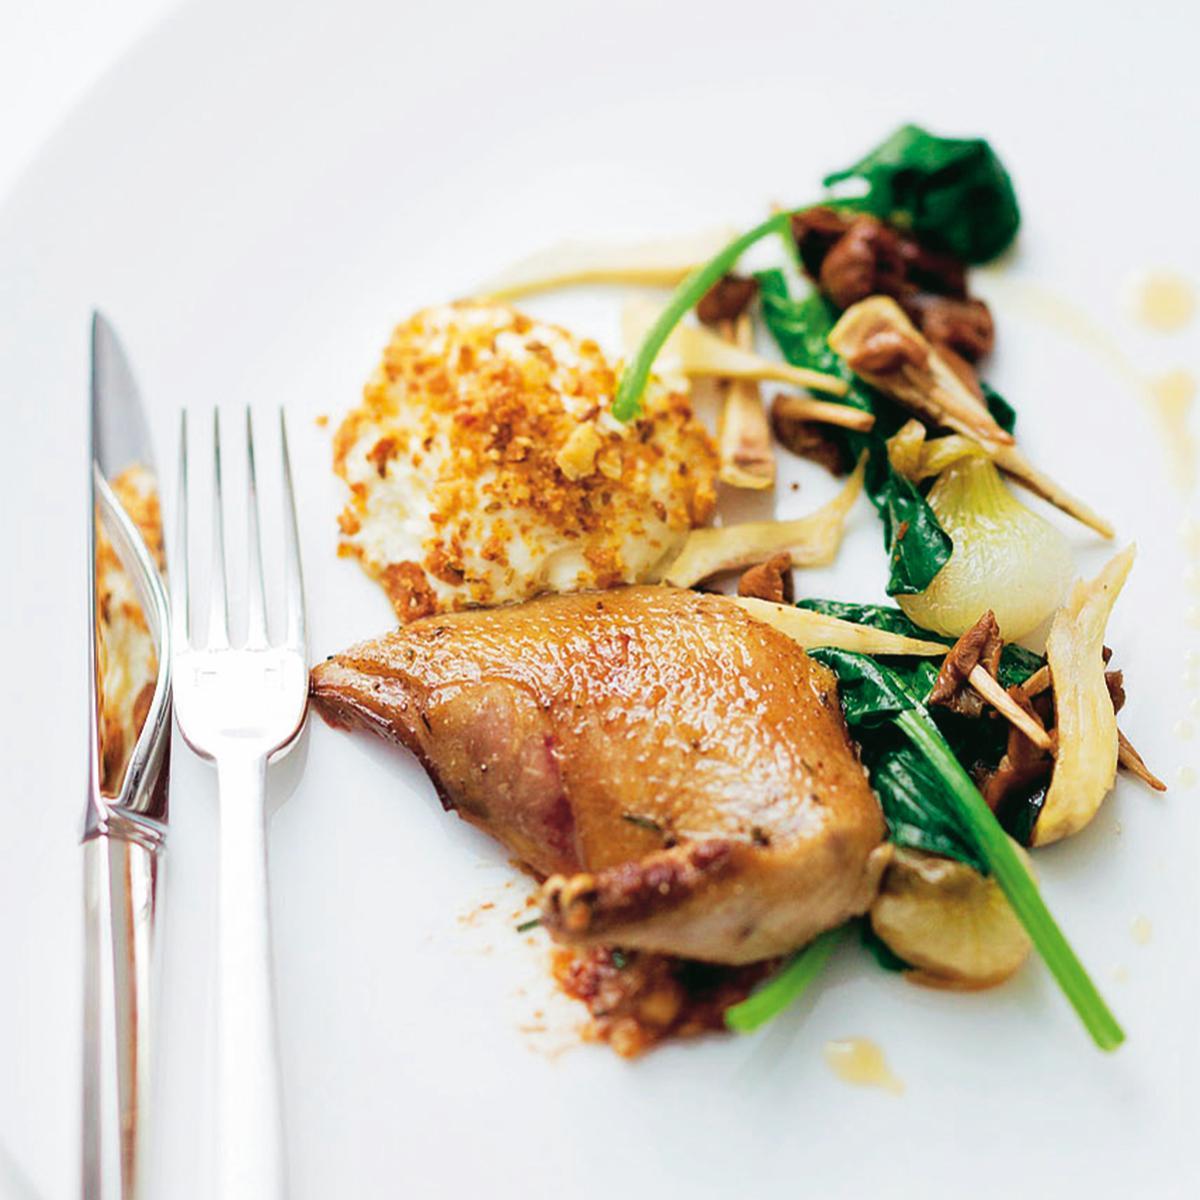 Pigeon du mont royal et l gumes d automne une recette - Cuisine belge recettes du terroir ...